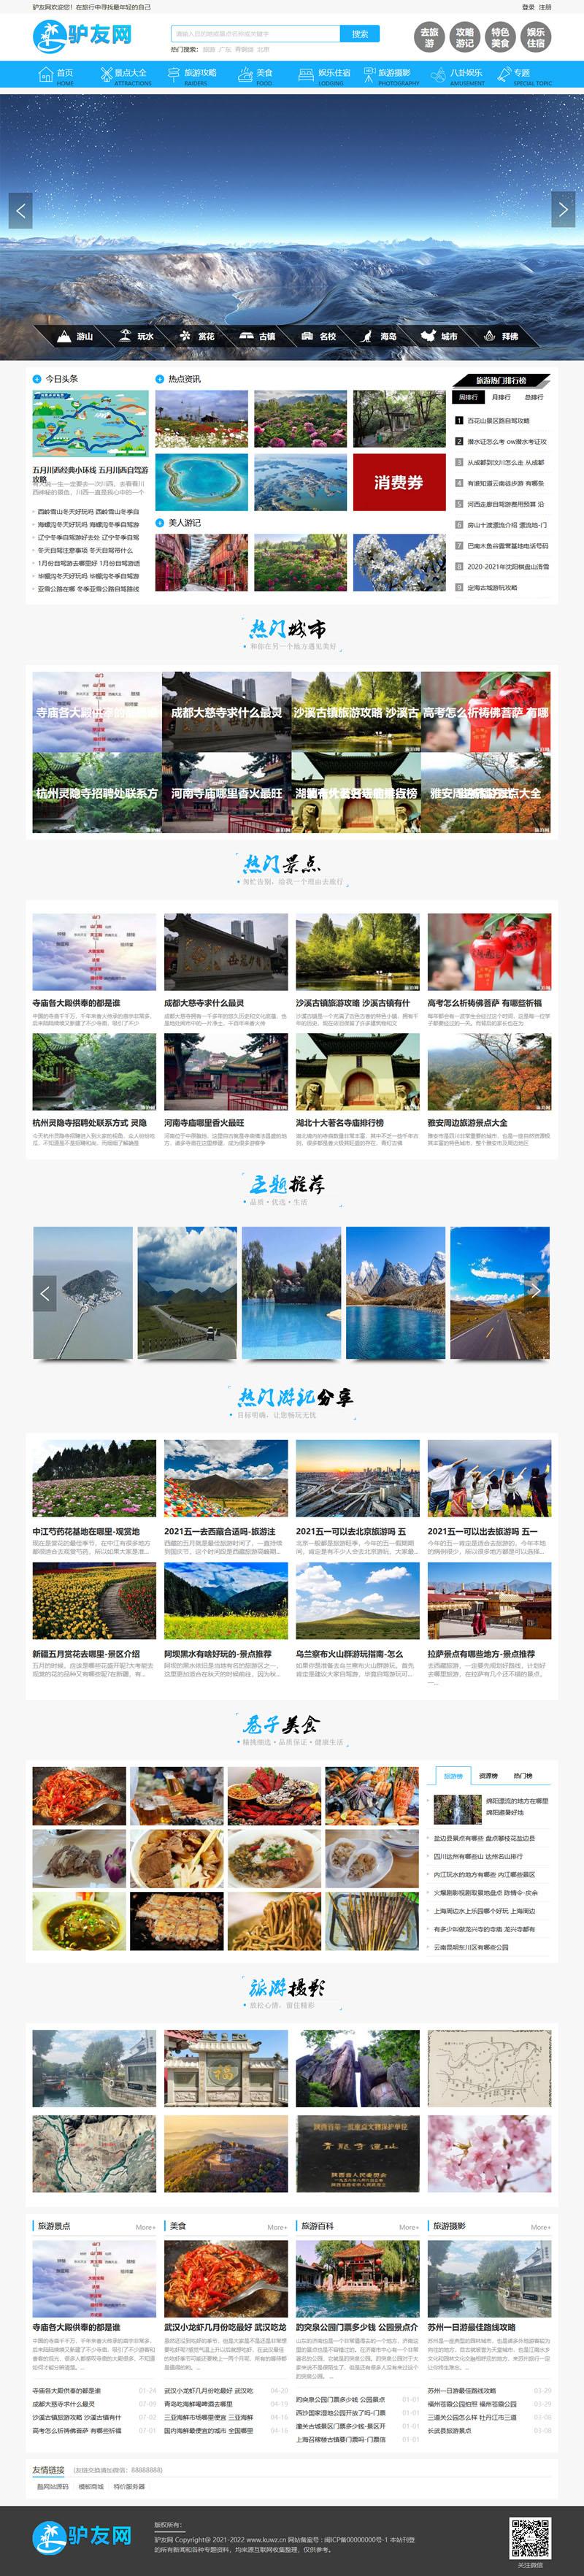 帝国CMS7.5仿驴友网旅行旅游新版整站系统源码 带会员中心+投稿+WAP端+采集系统-爱资源分享